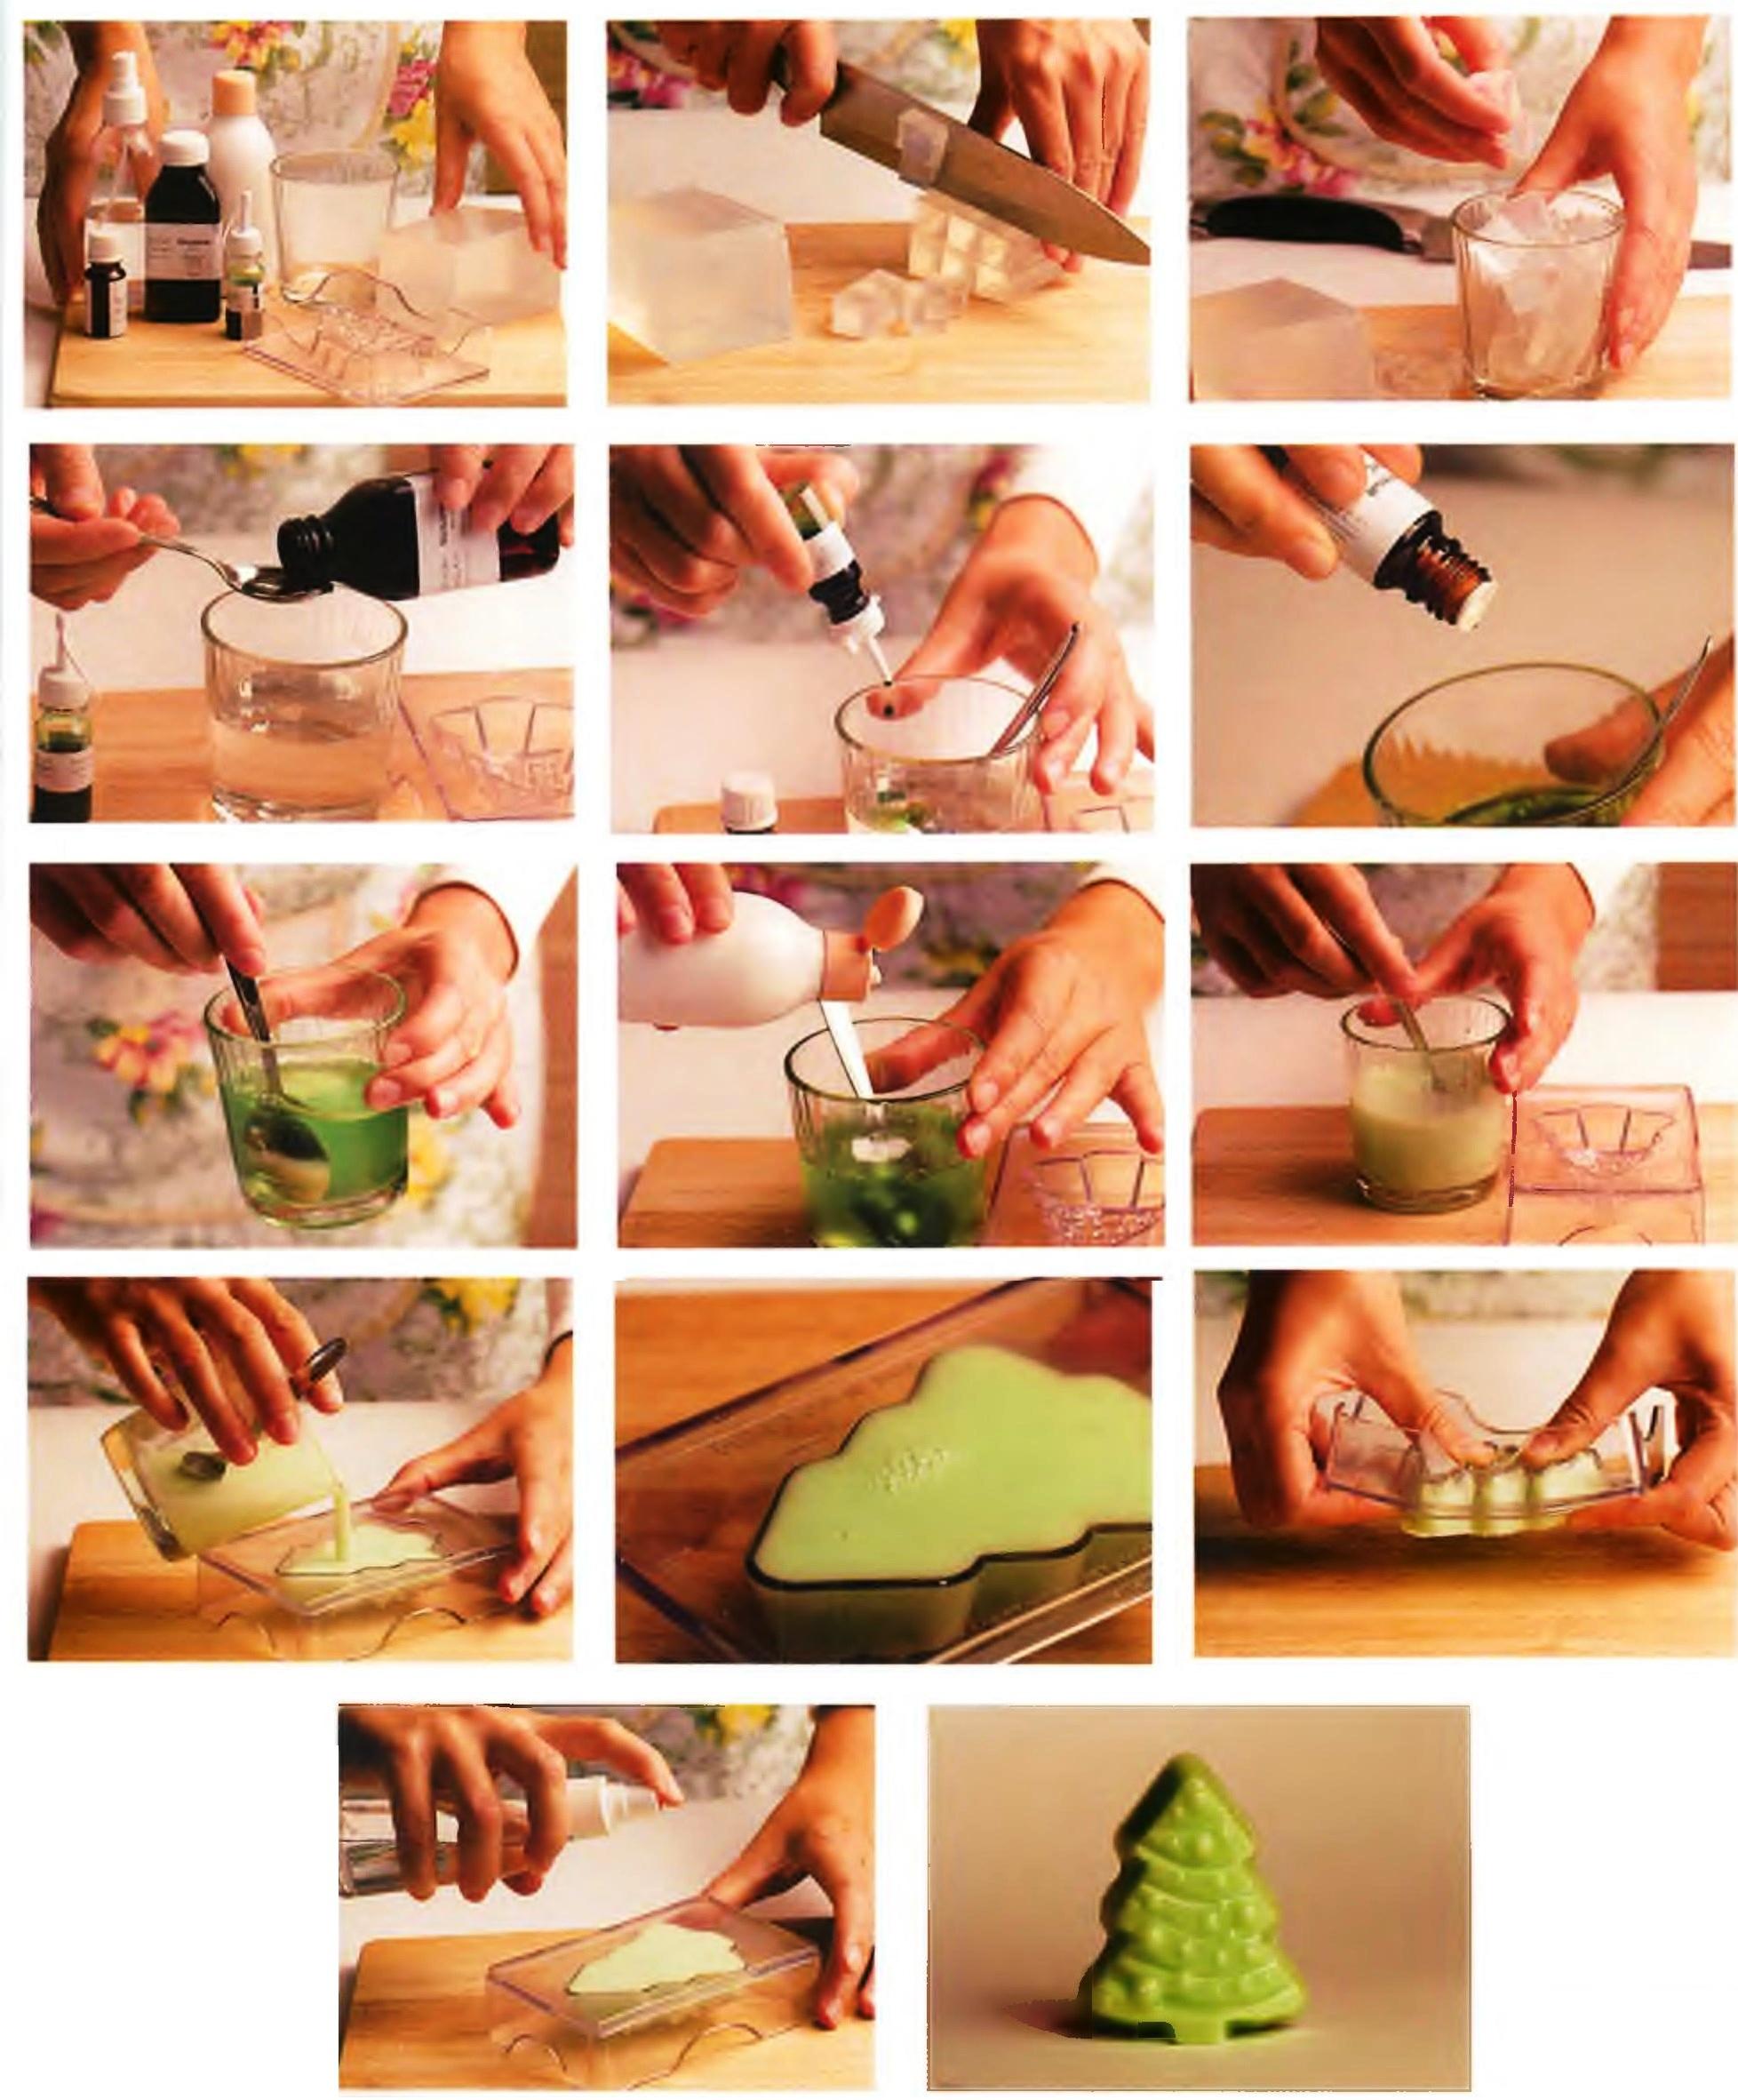 Технология мыловарения